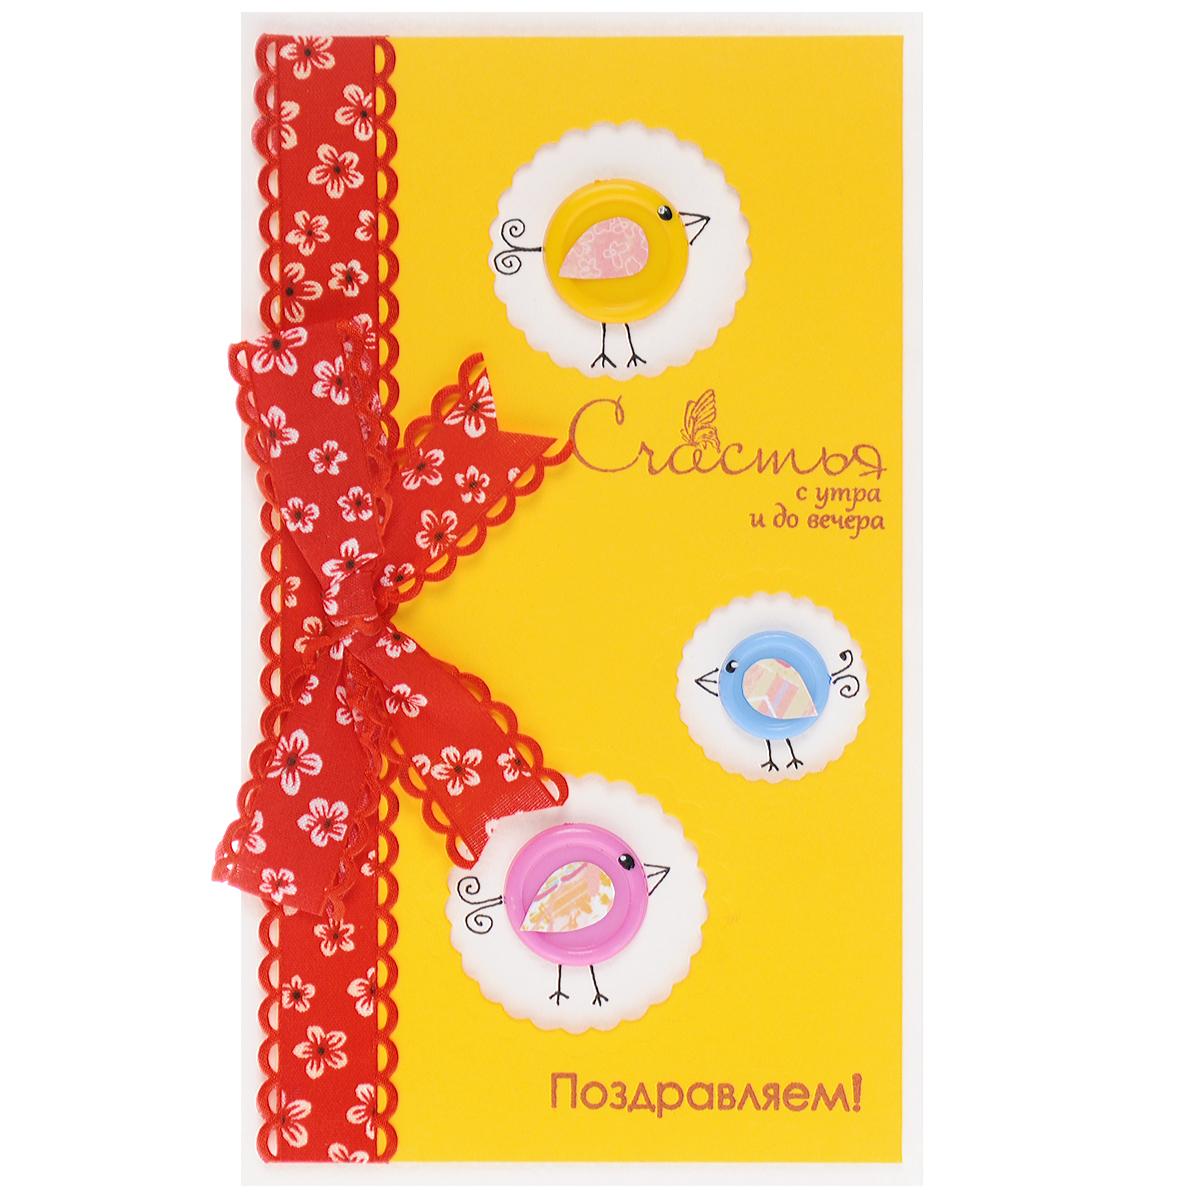 Открытка-конверт Поздравляем!. Студия Тетя Роза. ОД-0002ОД-0002Открытка выполнена из высокохудожественного картона, украшена яркой красной лентой и пуговками в виде птиц. Может стать как прекрасным дополнением к вашему подарку, так и самостоятельным подарком, так как открытка одновременно является и конвертом, в который вы можете вложить ваш денежный подарок или подарочный сертификат, или же просто написать ваши пожелания на вкладыше. Открытки ручной работы от студии Тетя Роза отличаются своим неповторимым и ярким стилем. Каждая уникальна и выполнена вручную мастерами студии. Открытка упакована в пакетик для сохранности. Обращаем ваше внимание на то, что открытка может незначительно отличаться от представленной на фото.